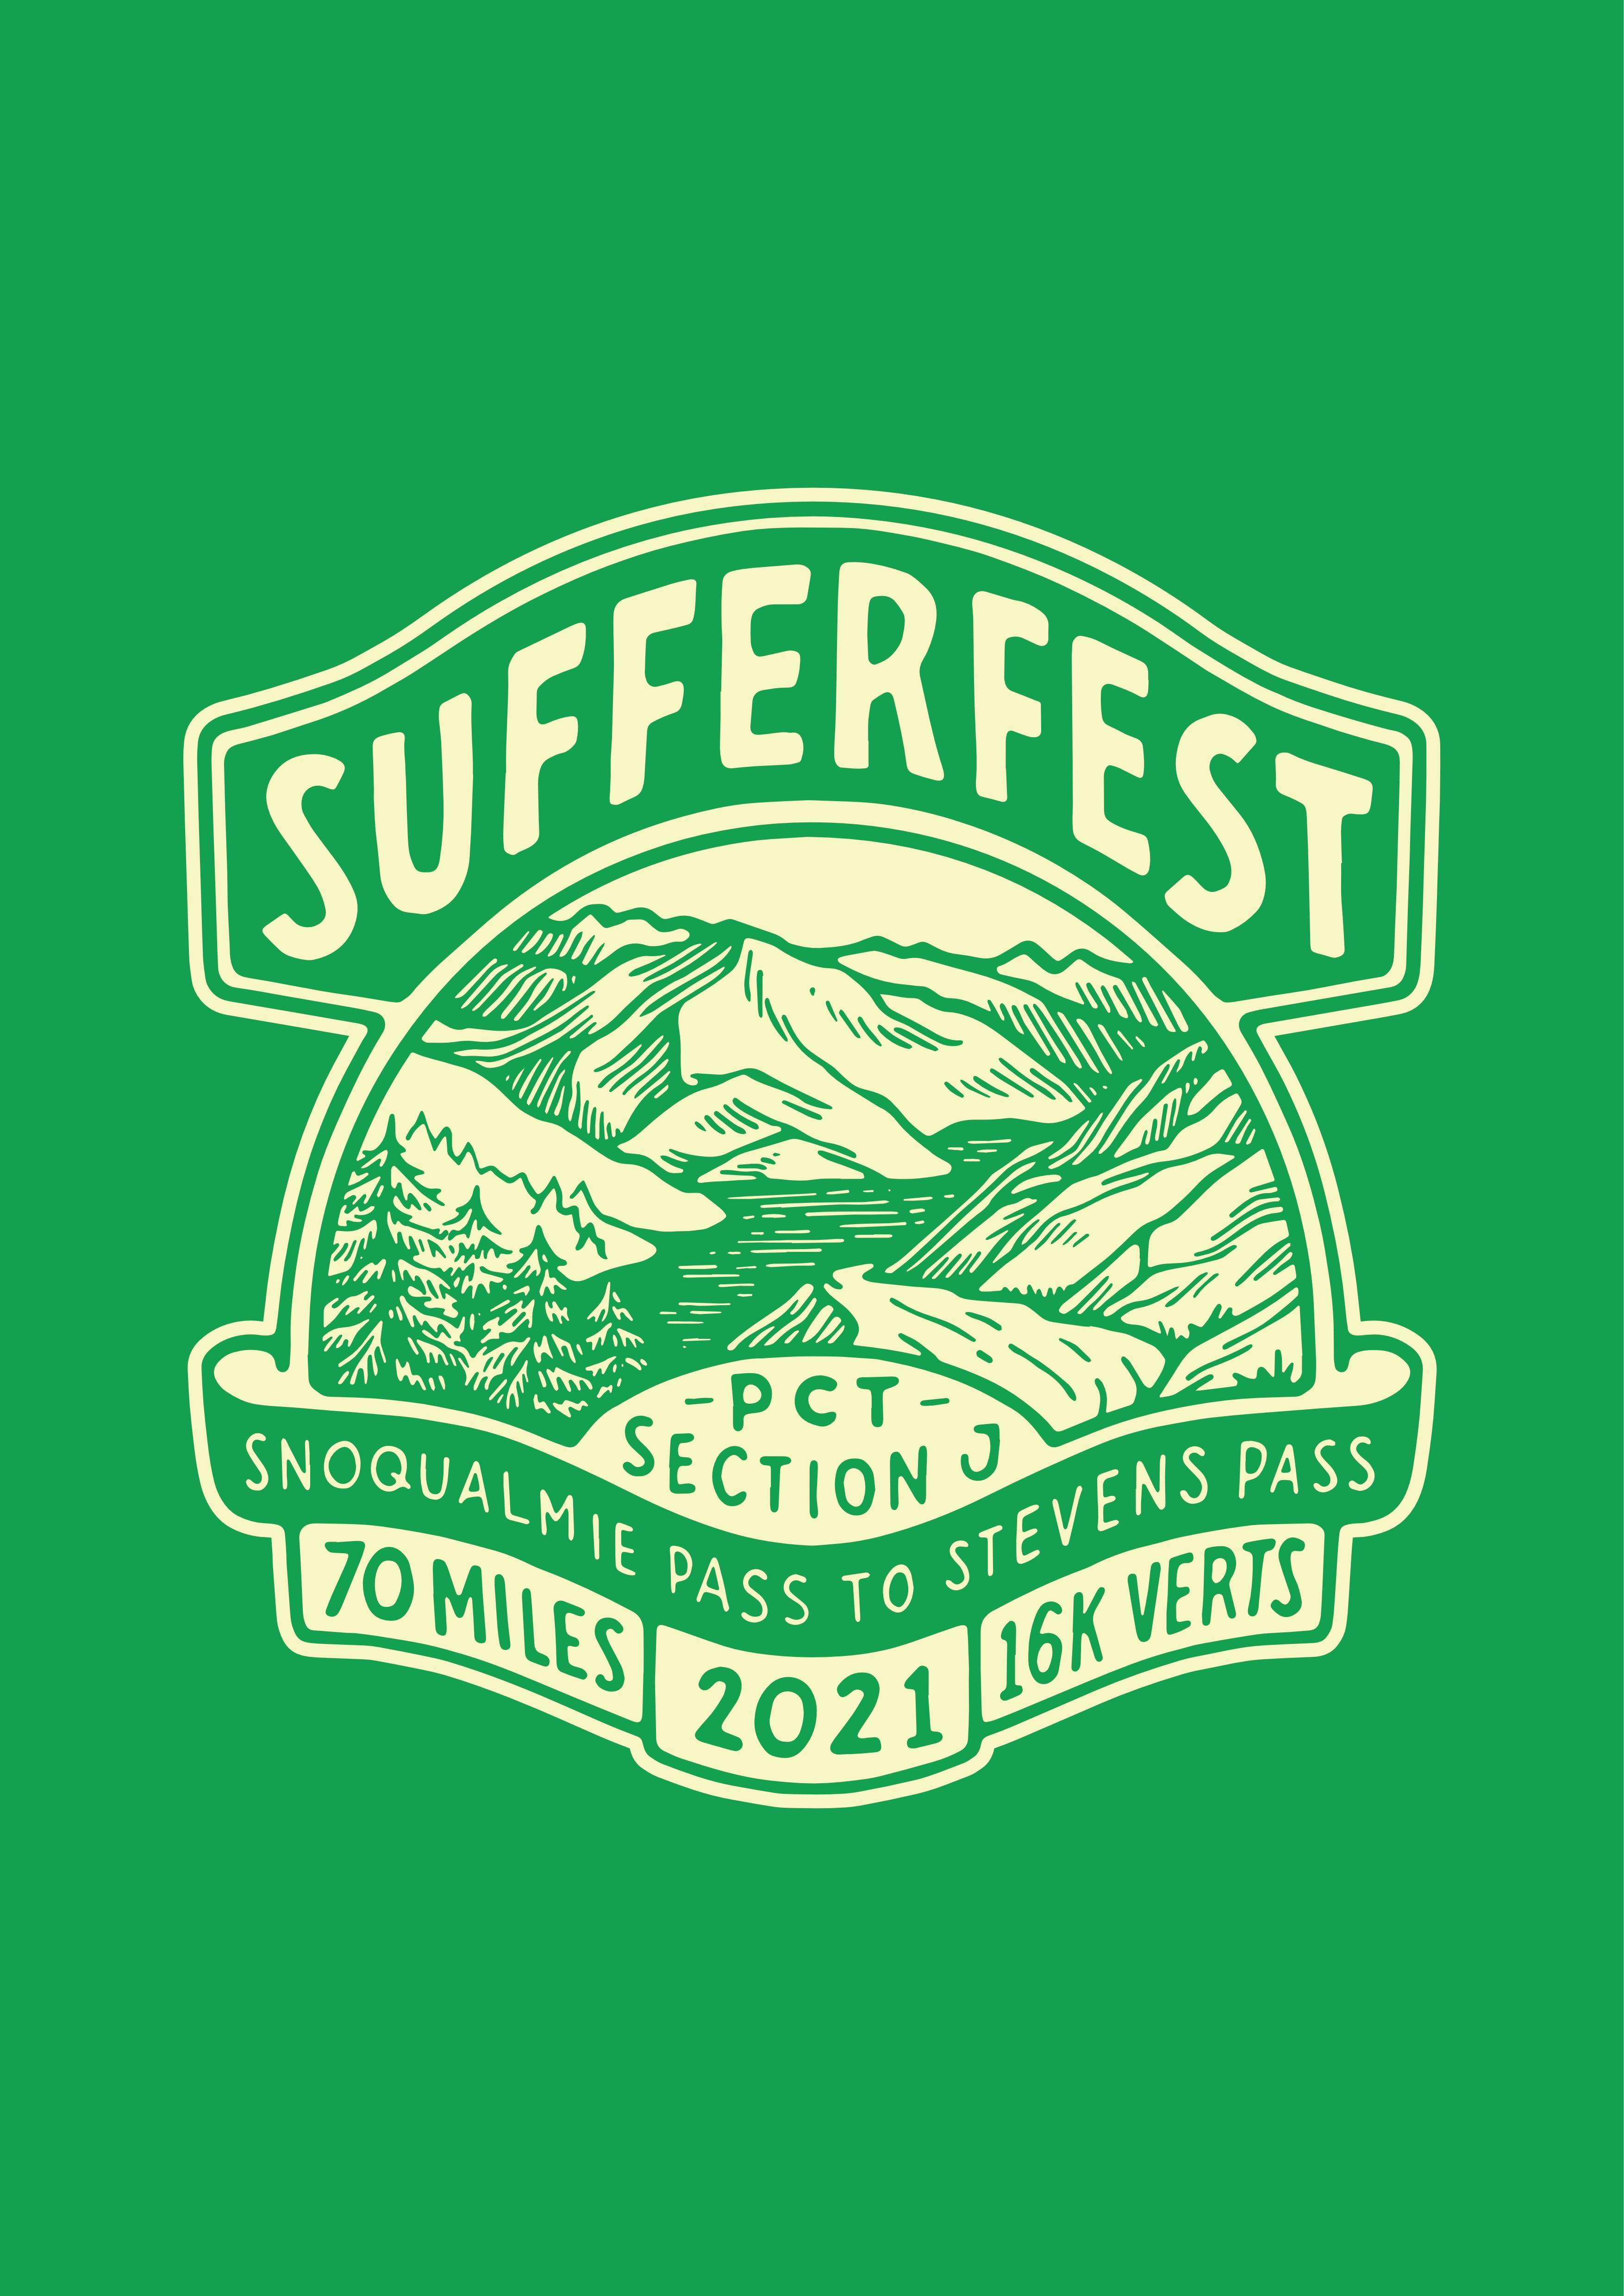 SUFFERFEST - PCT SECTION J